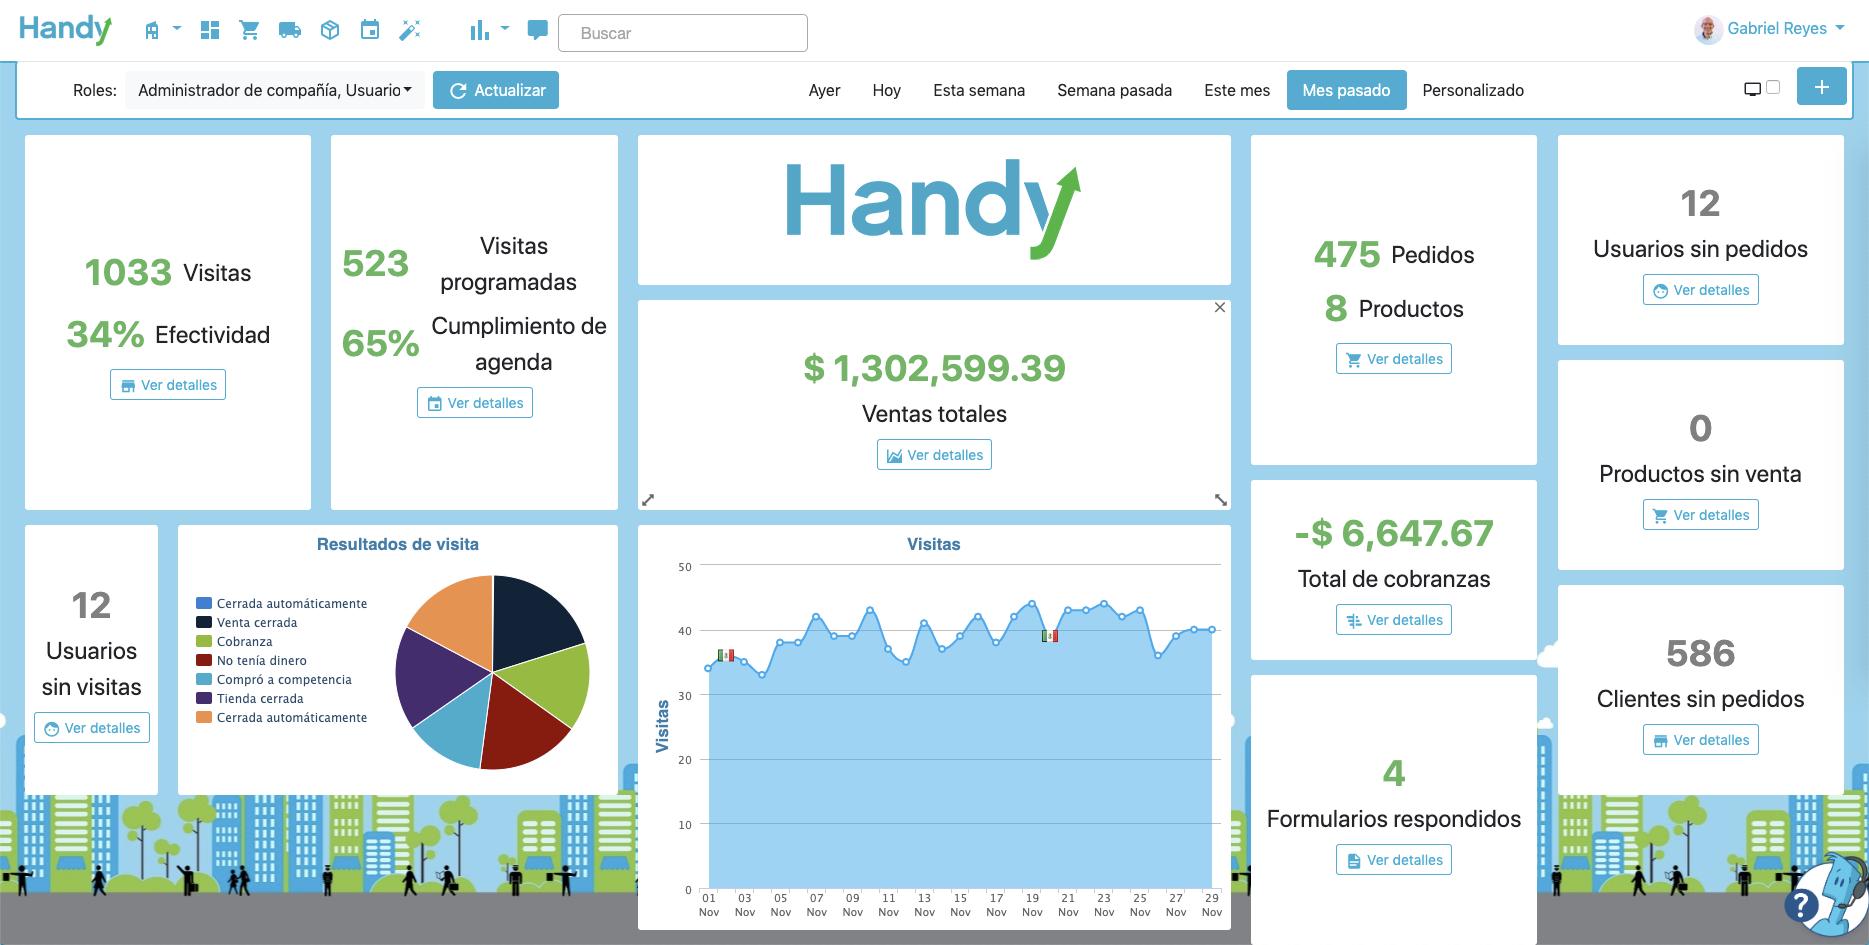 Pantalla inicial de Handy, con el resumen del proceso de ventas